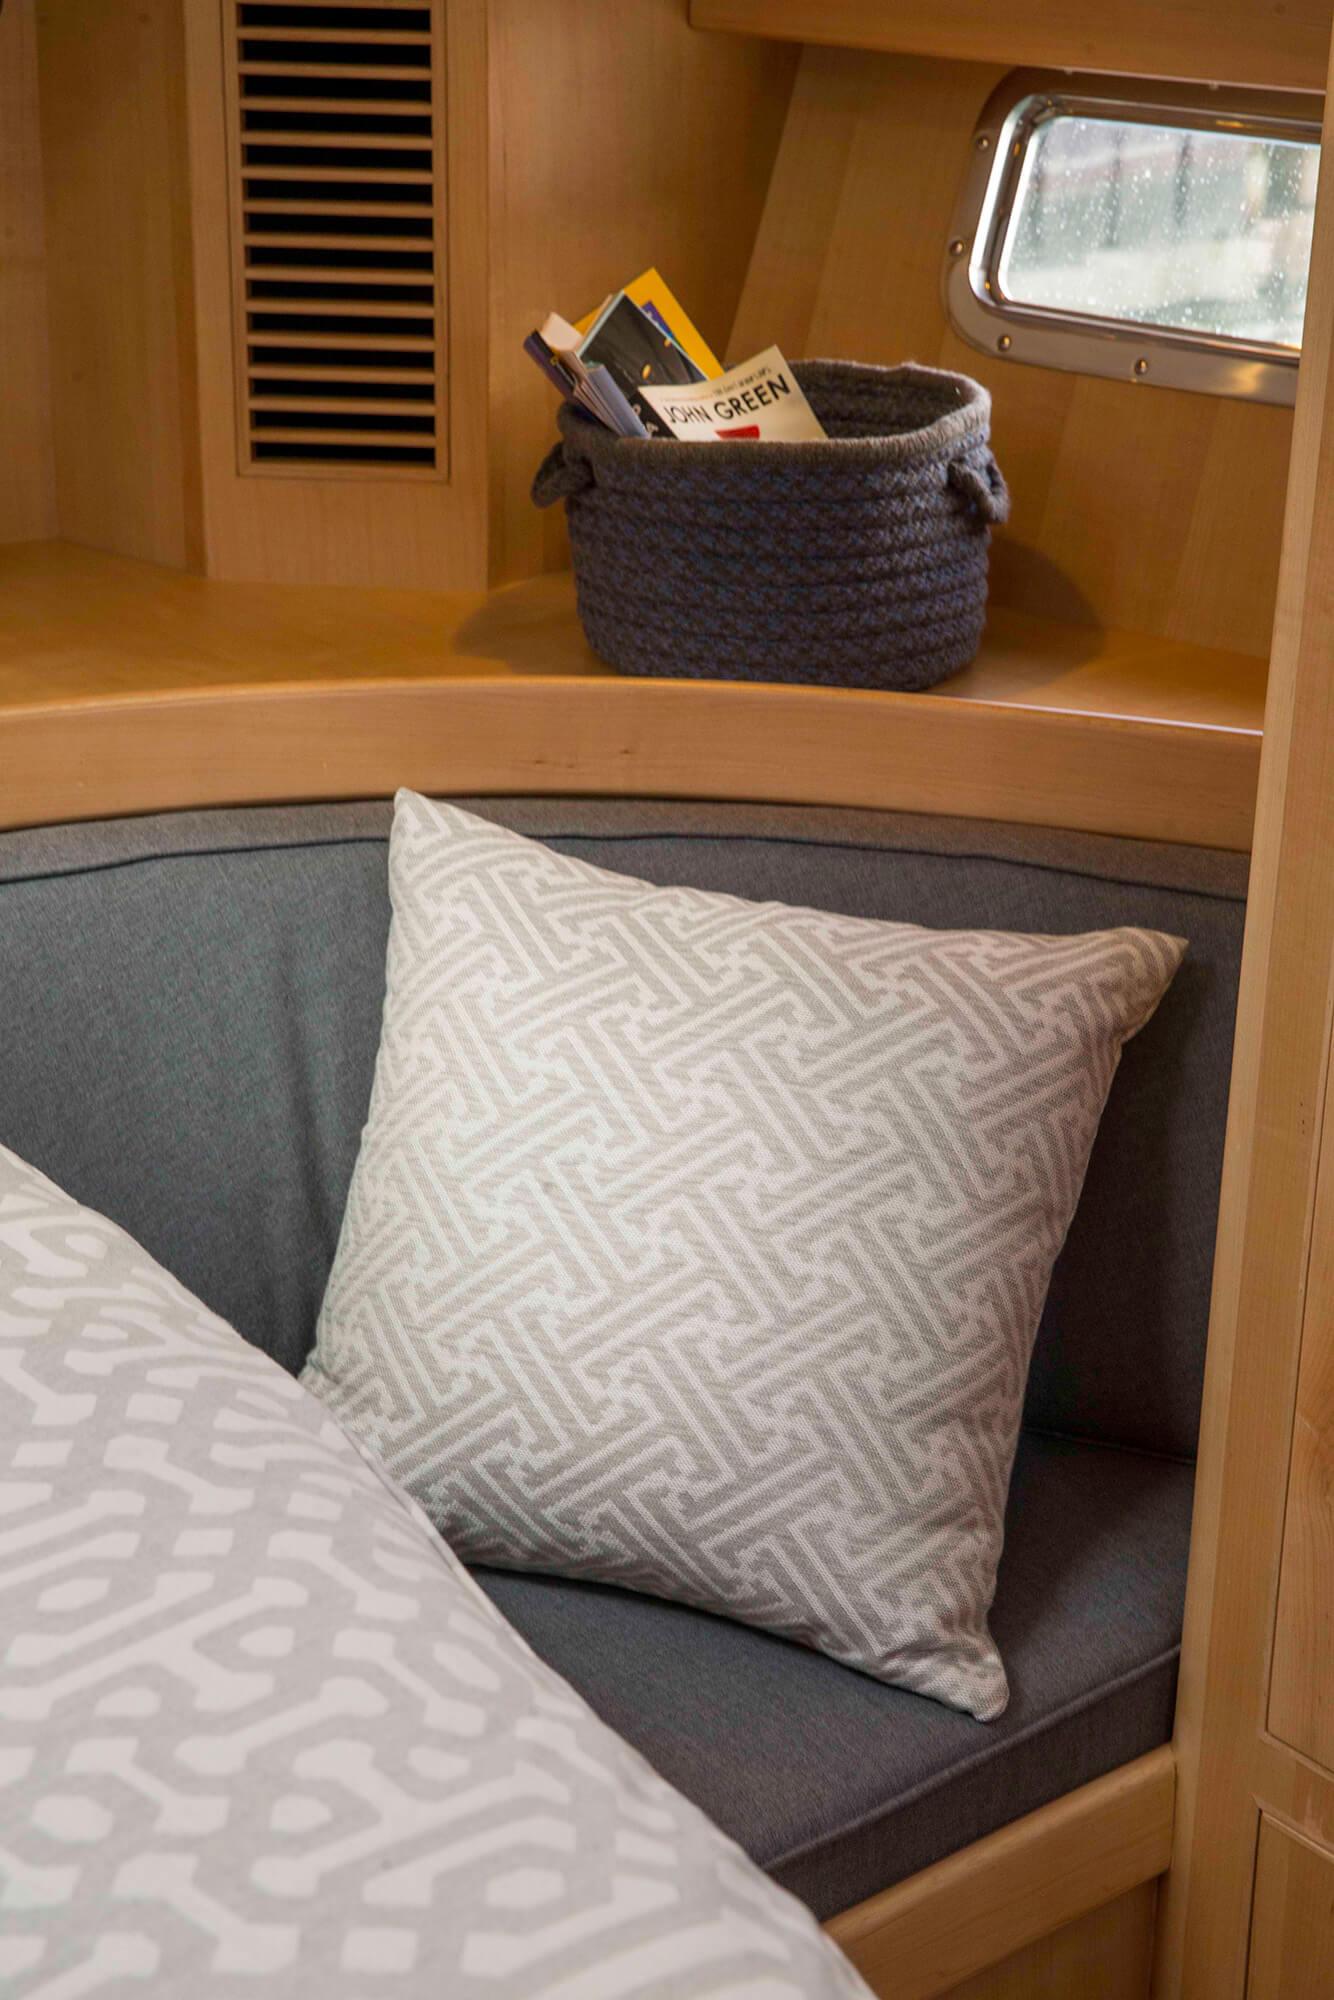 Een kussen met grijs dessin op een kussen in de cabine van een zeilboot